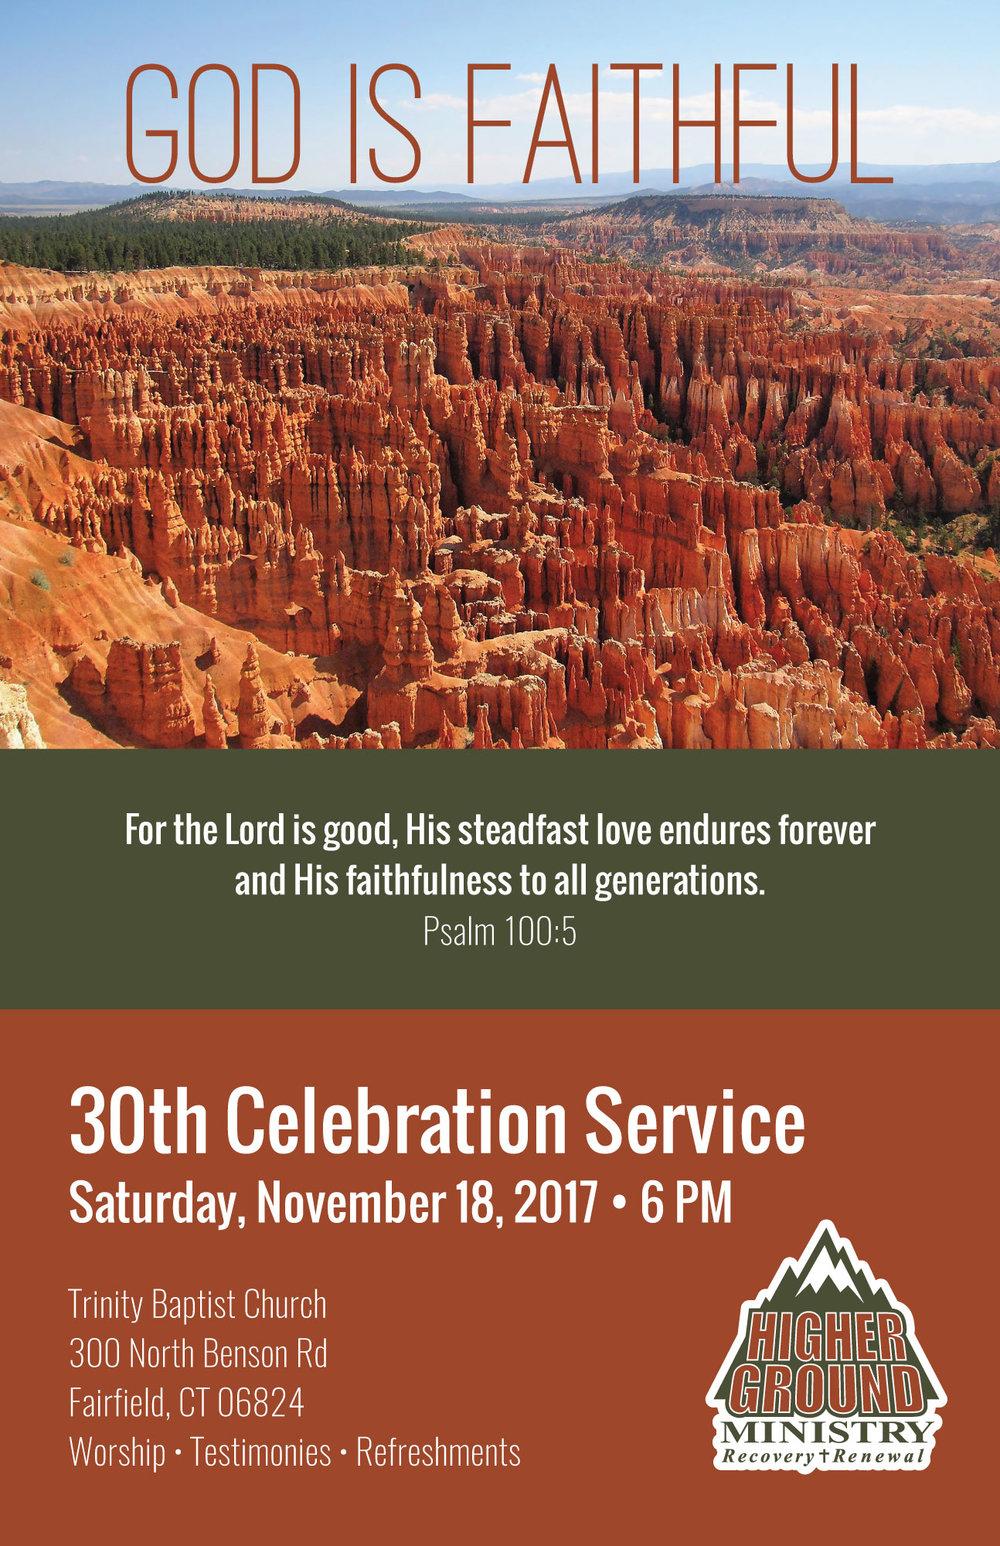 30th Celebration Service Flyer.jpg